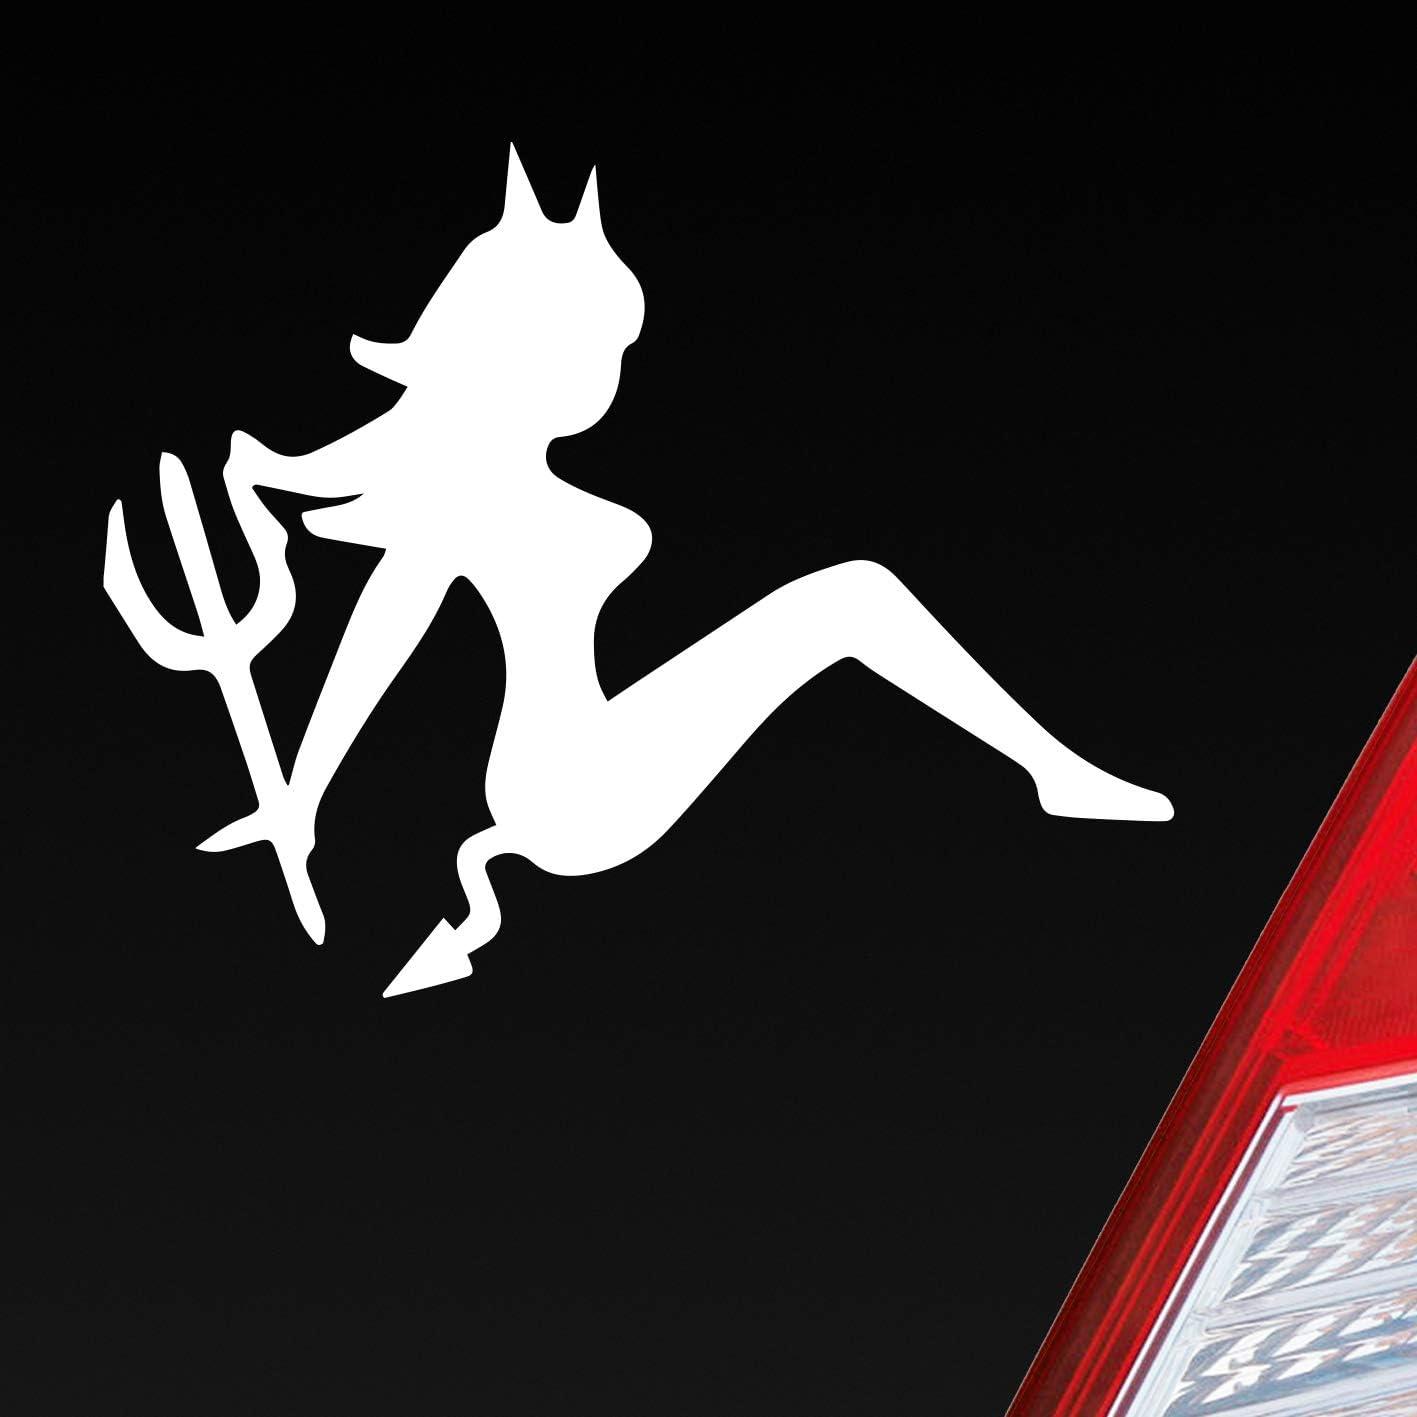 Auto Aufkleber In Deiner Wunschfarbe Teufel Teuflisch Sexy Girl Pin Up Devil 12x10cm Autoaufkleber Sticker Folie Auto